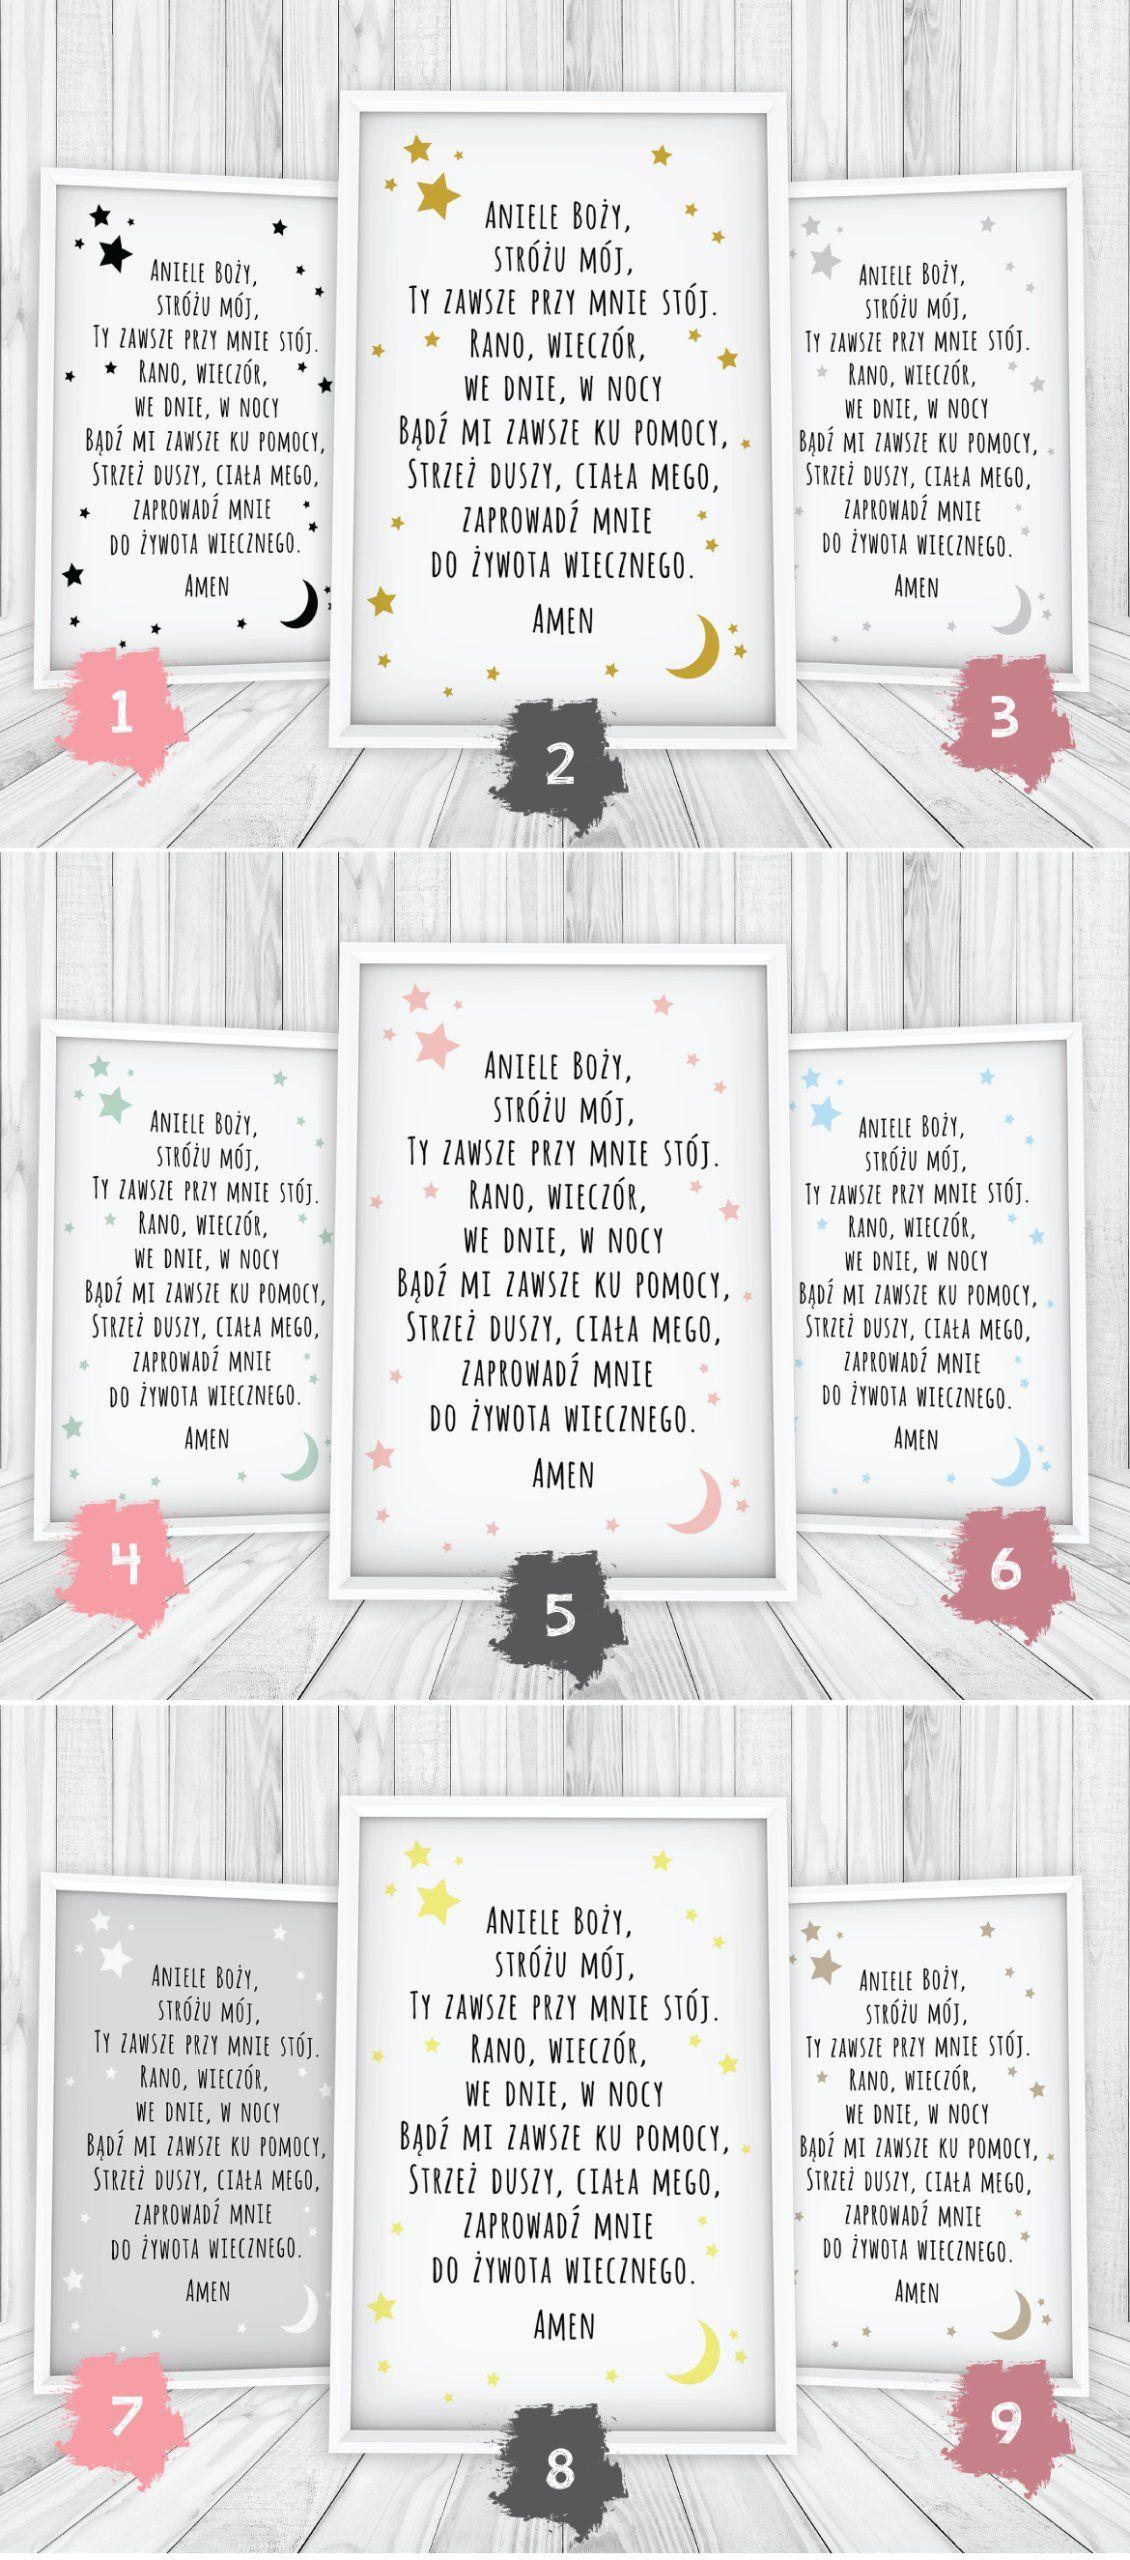 Plakat Modlitwa Aniele Boży Ramka Ponad 100wzorów